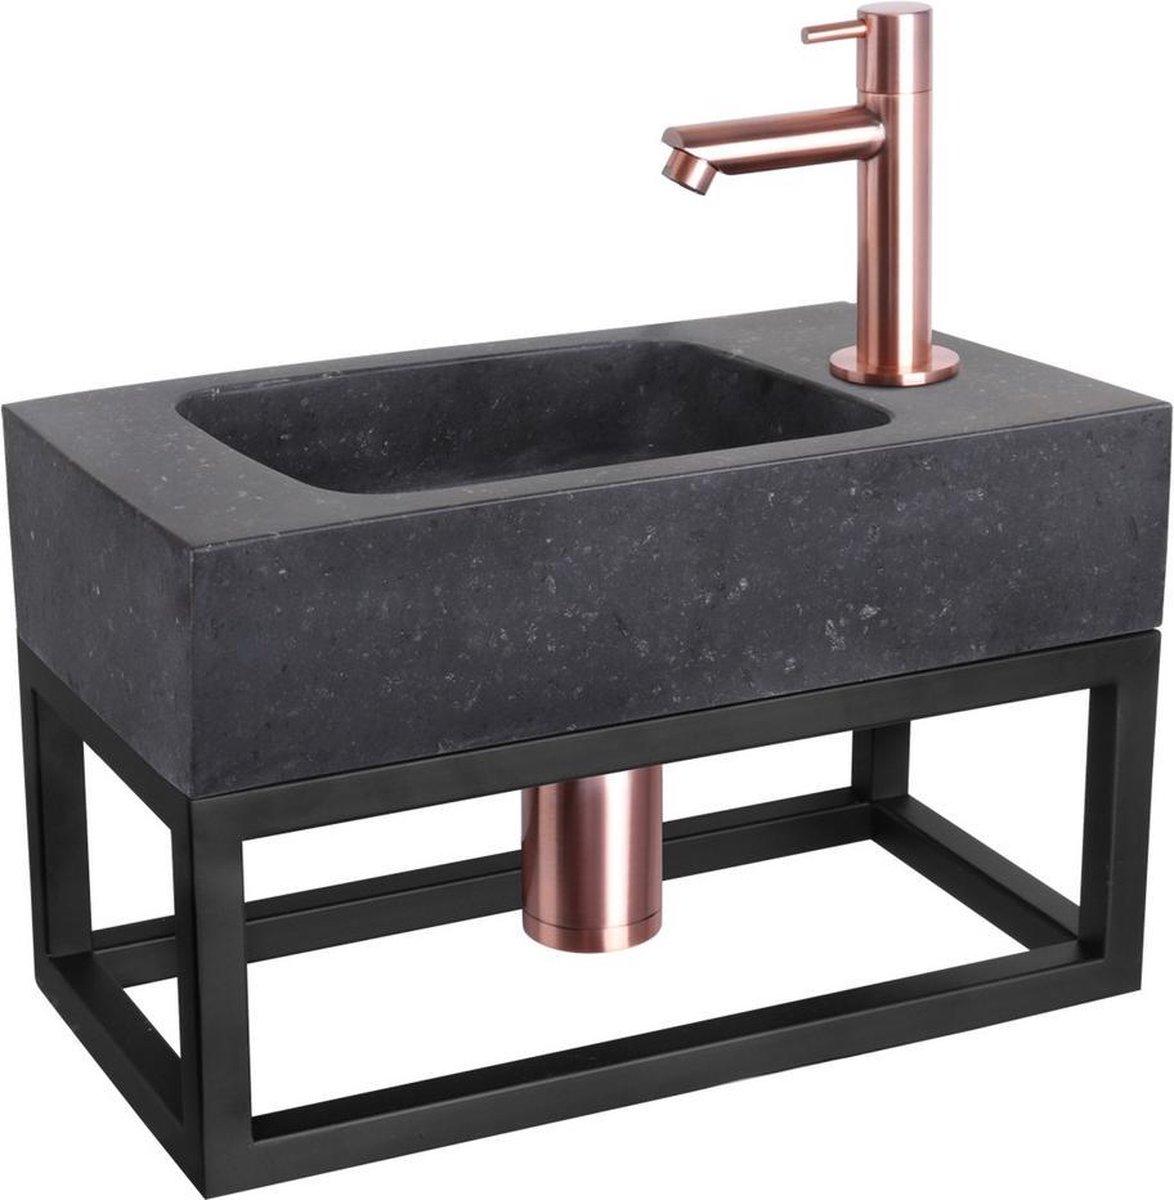 Differnz Fonteinset Bombai black - Natuursteen - Kraan recht rood koper - Met handdoekrek - 40 x 22 x 9 cm